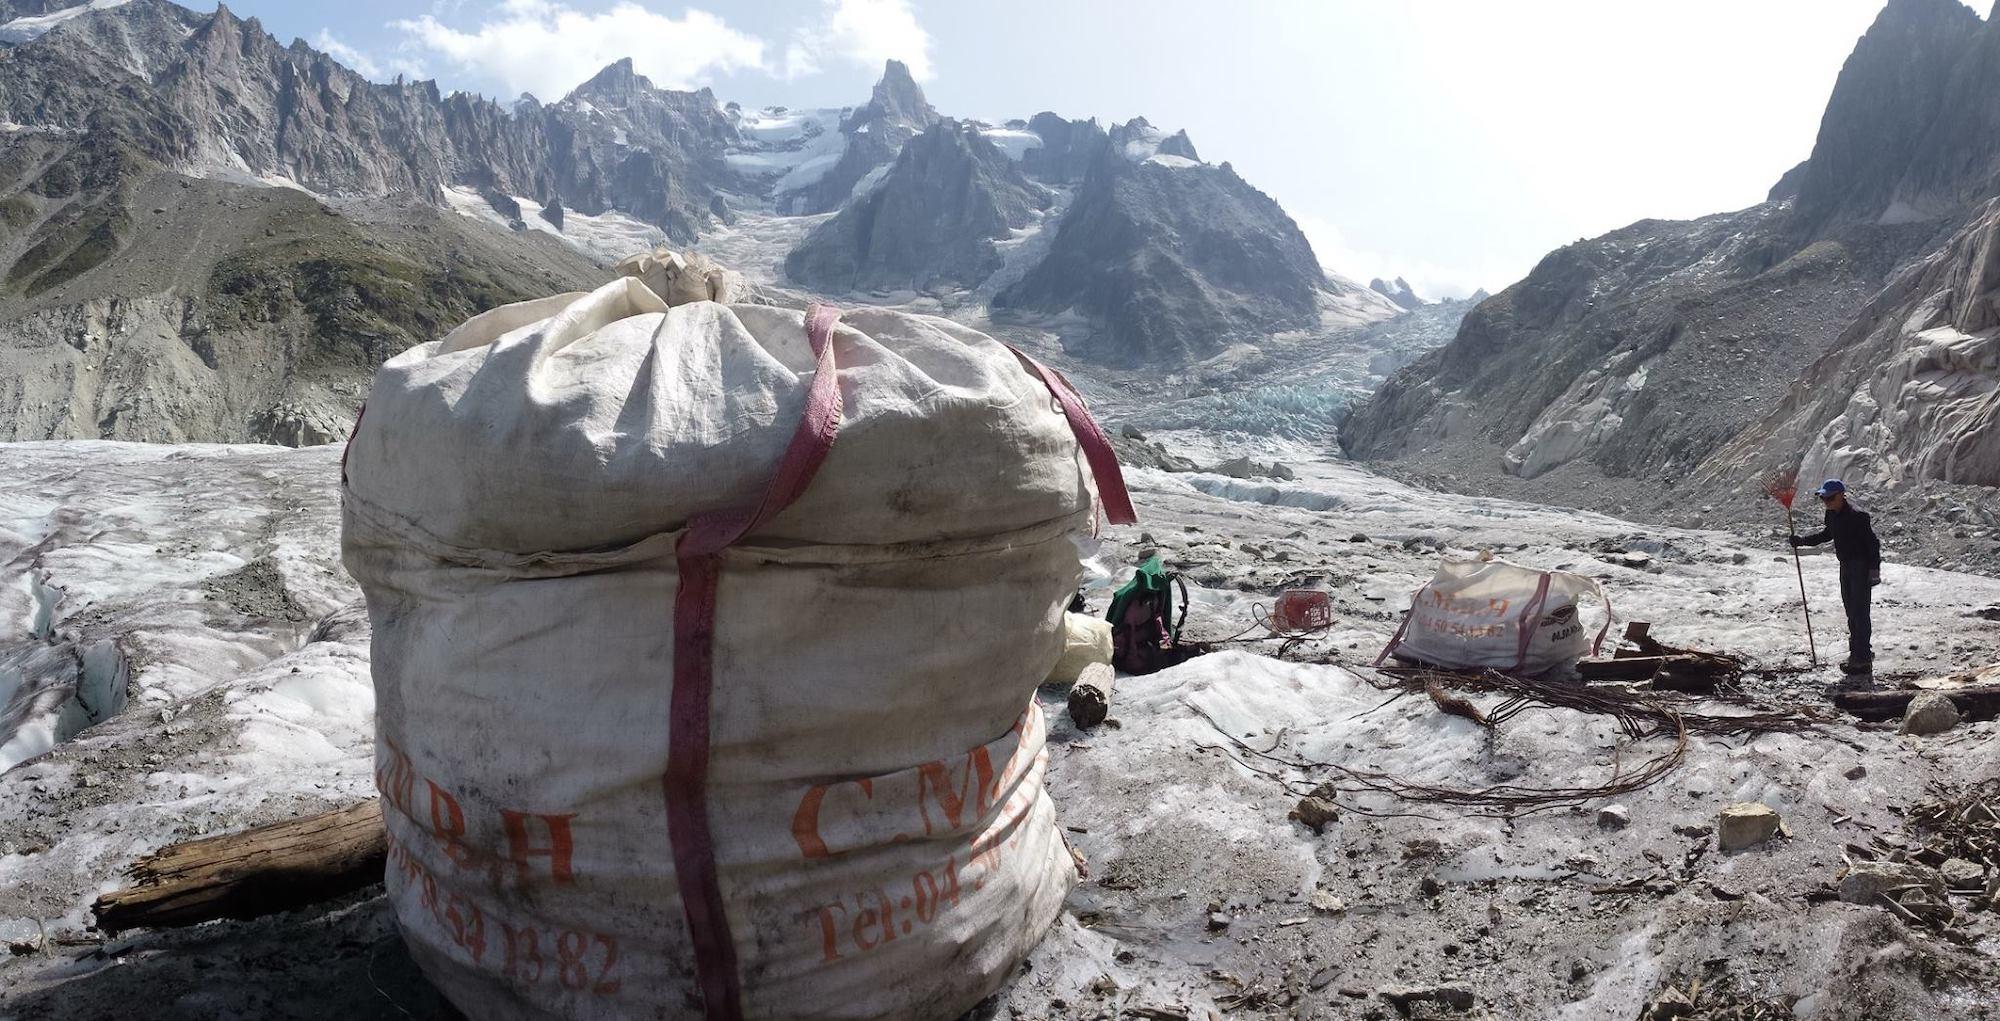 Déchets de chantier en montagne, Alpes Mer de glace